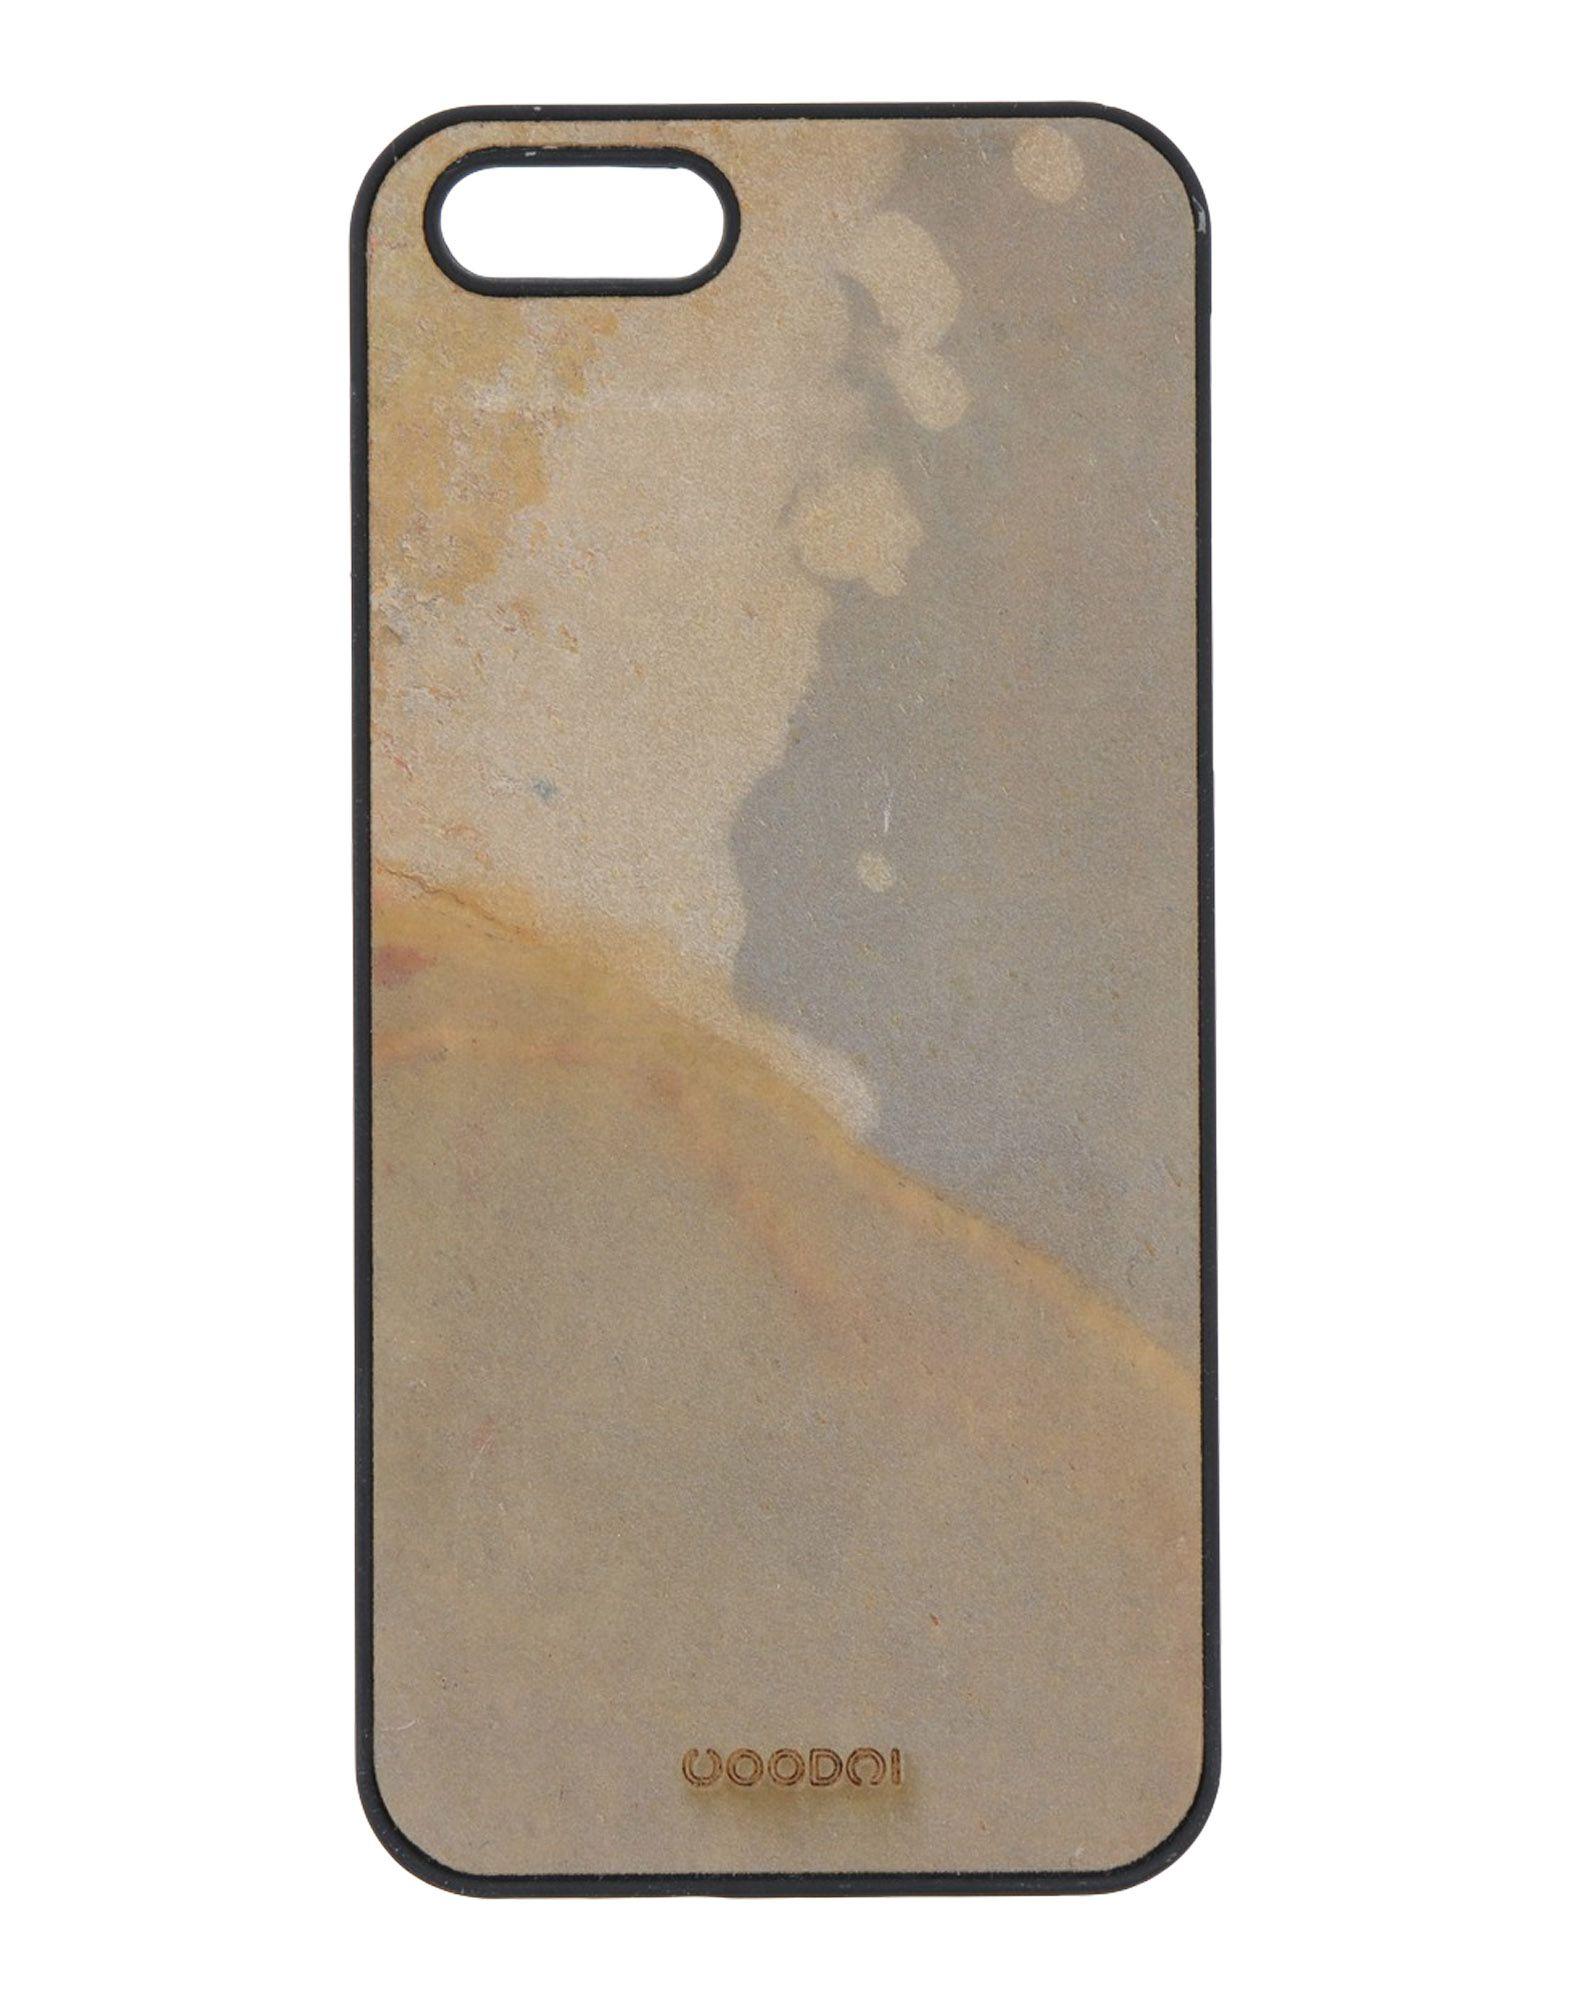 WOODMI Чехол чехол для iphone 5 5s se ozaki виноград